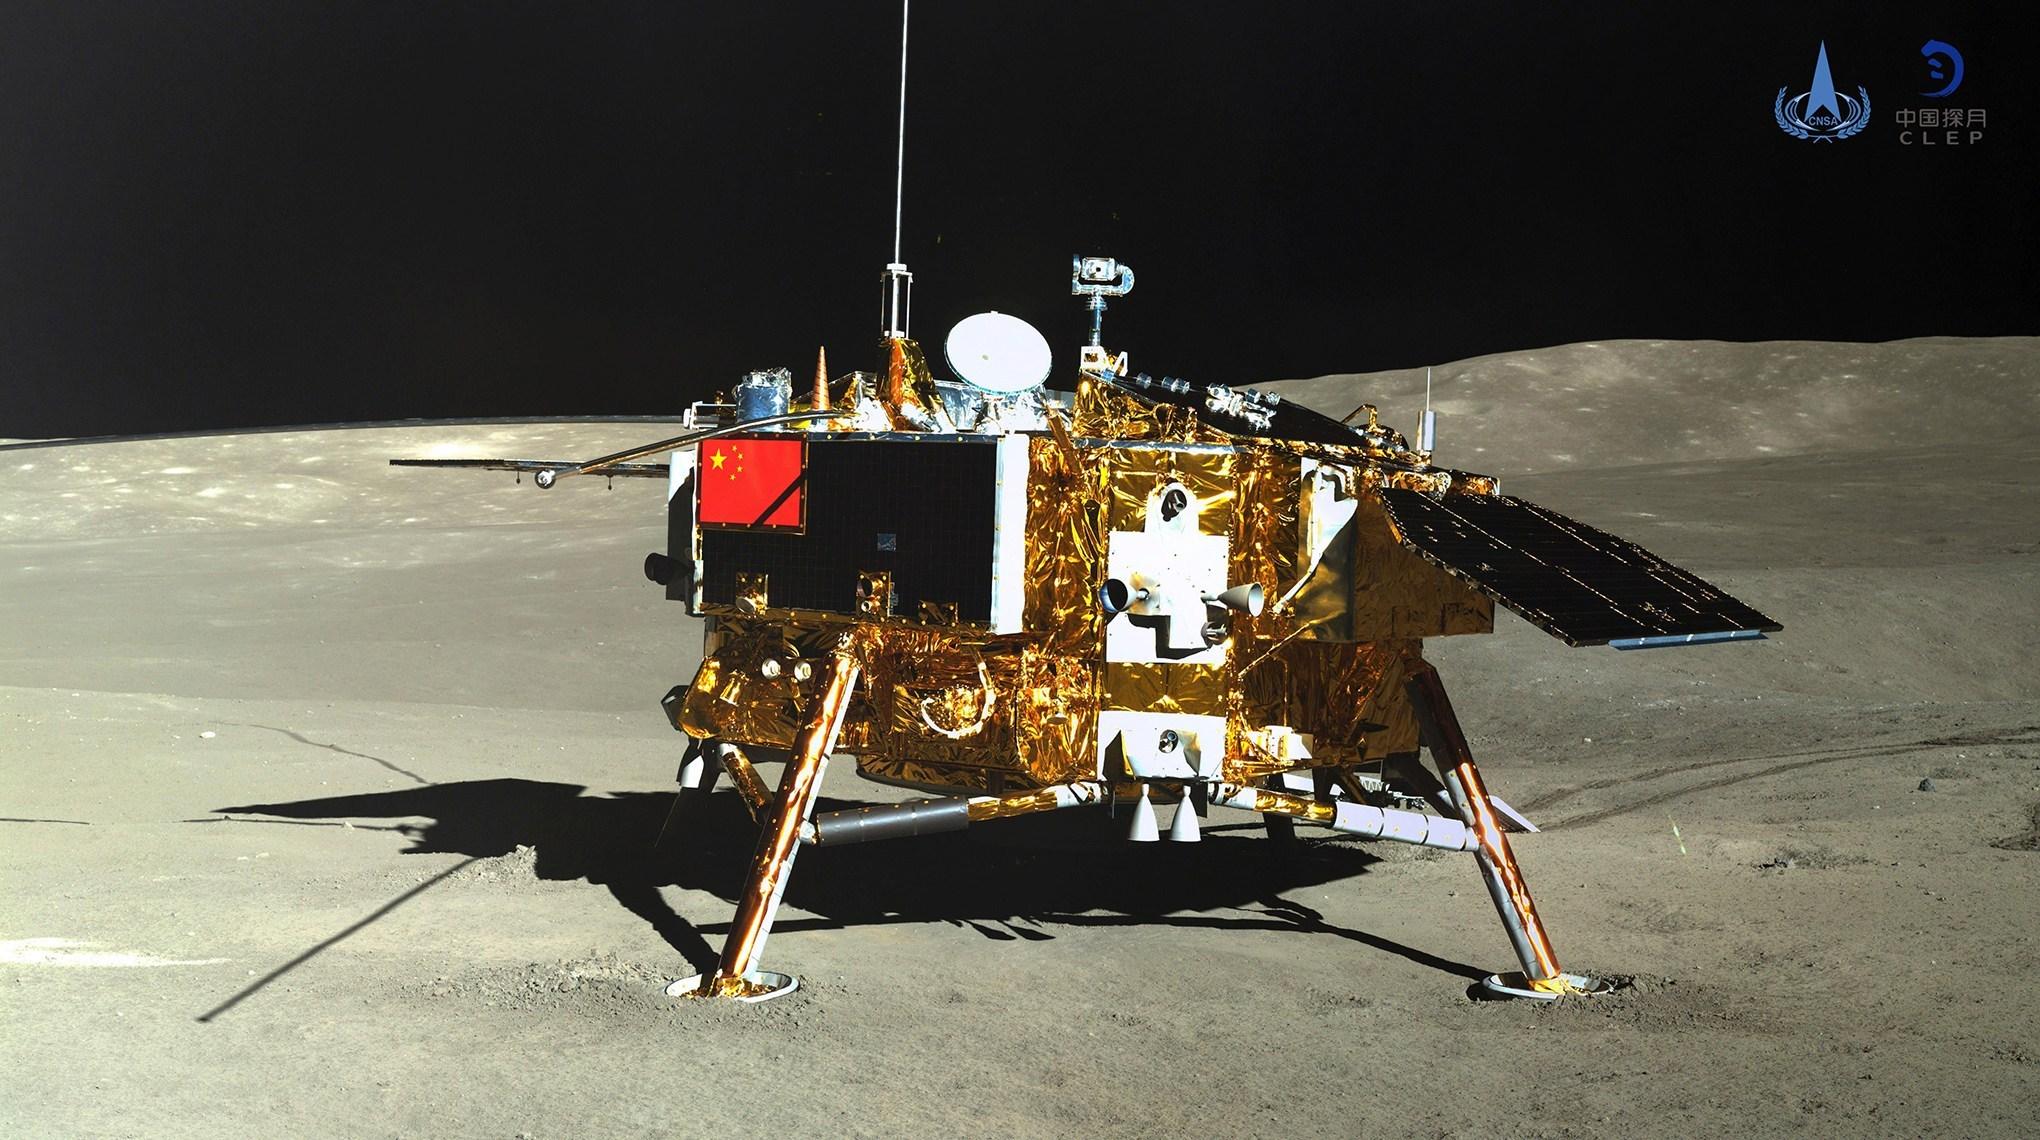 Китайский зонд «Чанъэ-4» стал первым космическим кораблем, приземлившимся на противоположной стороне Луны